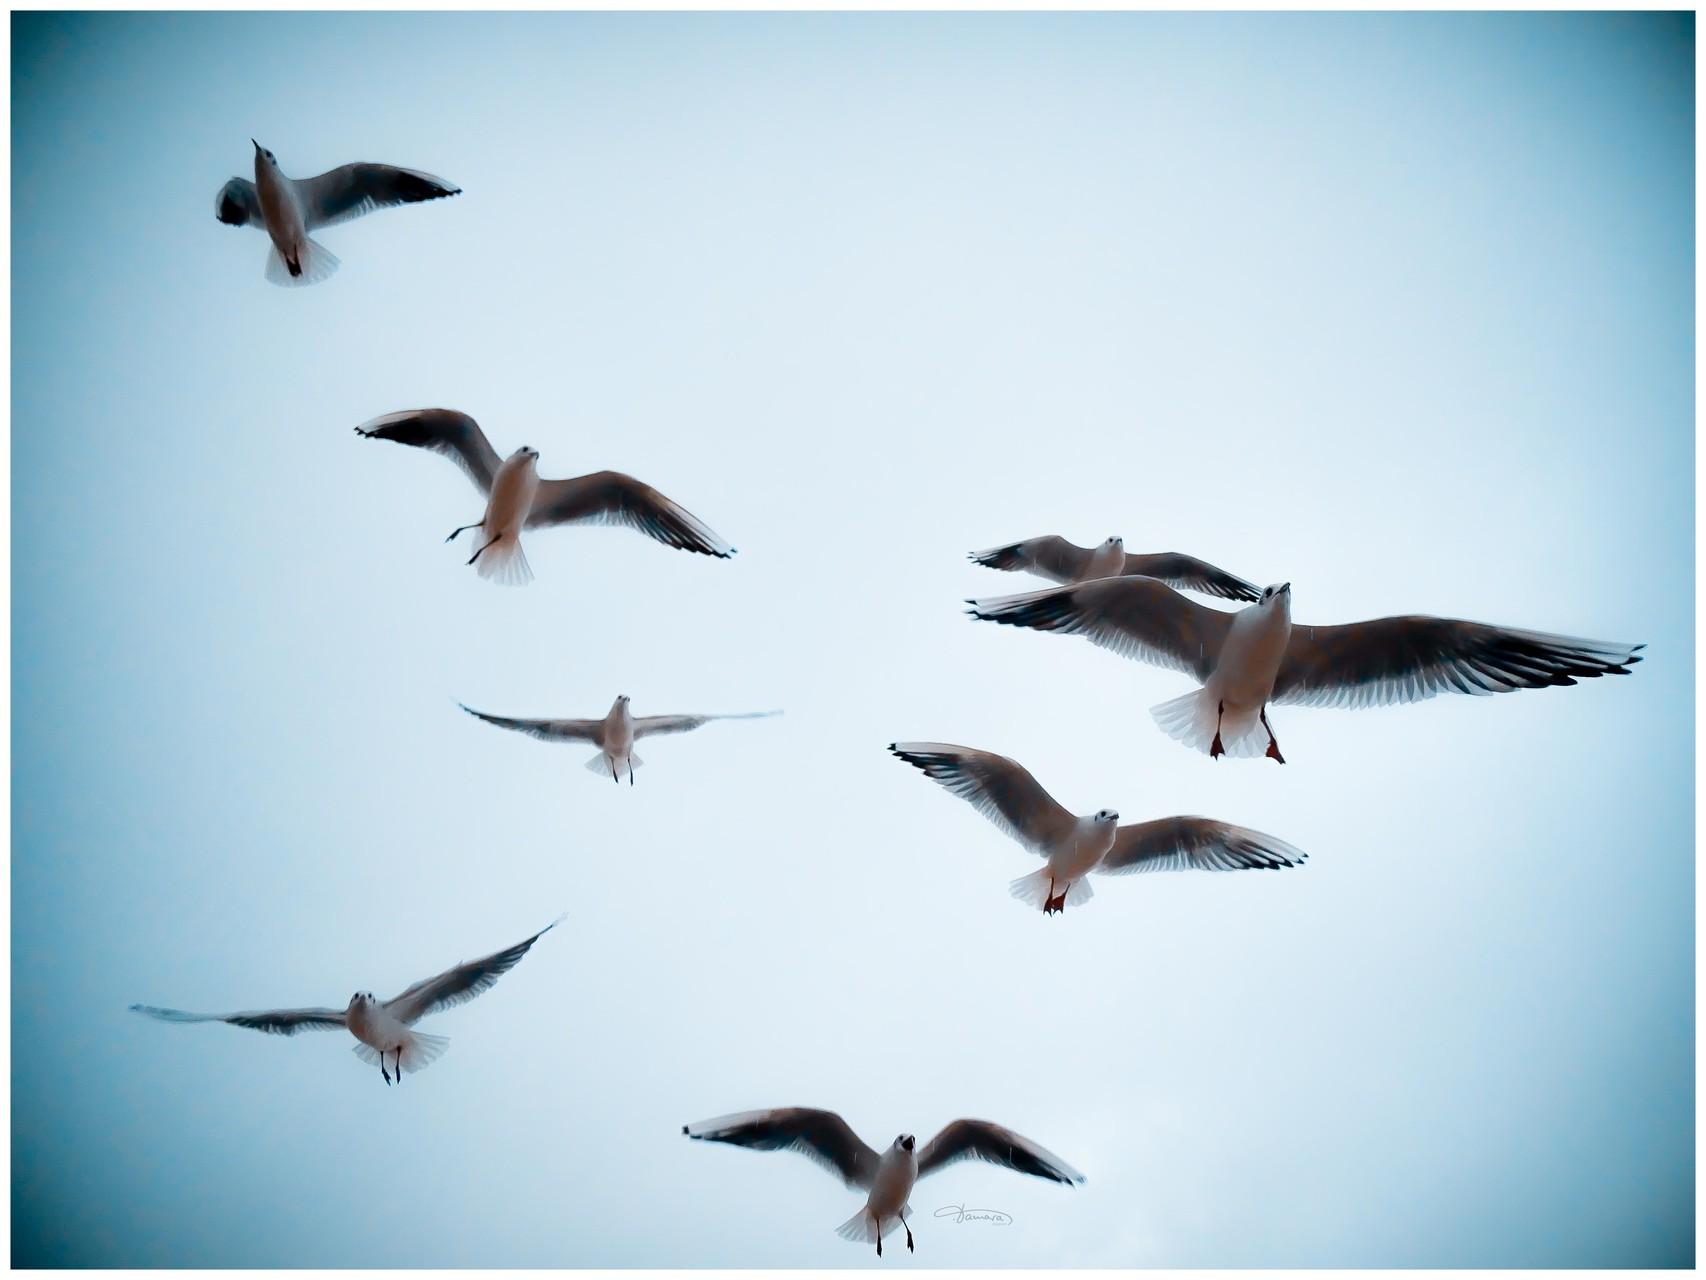 Wer nicht vom Fliegen träumt, dem wachsen keine Flügel.